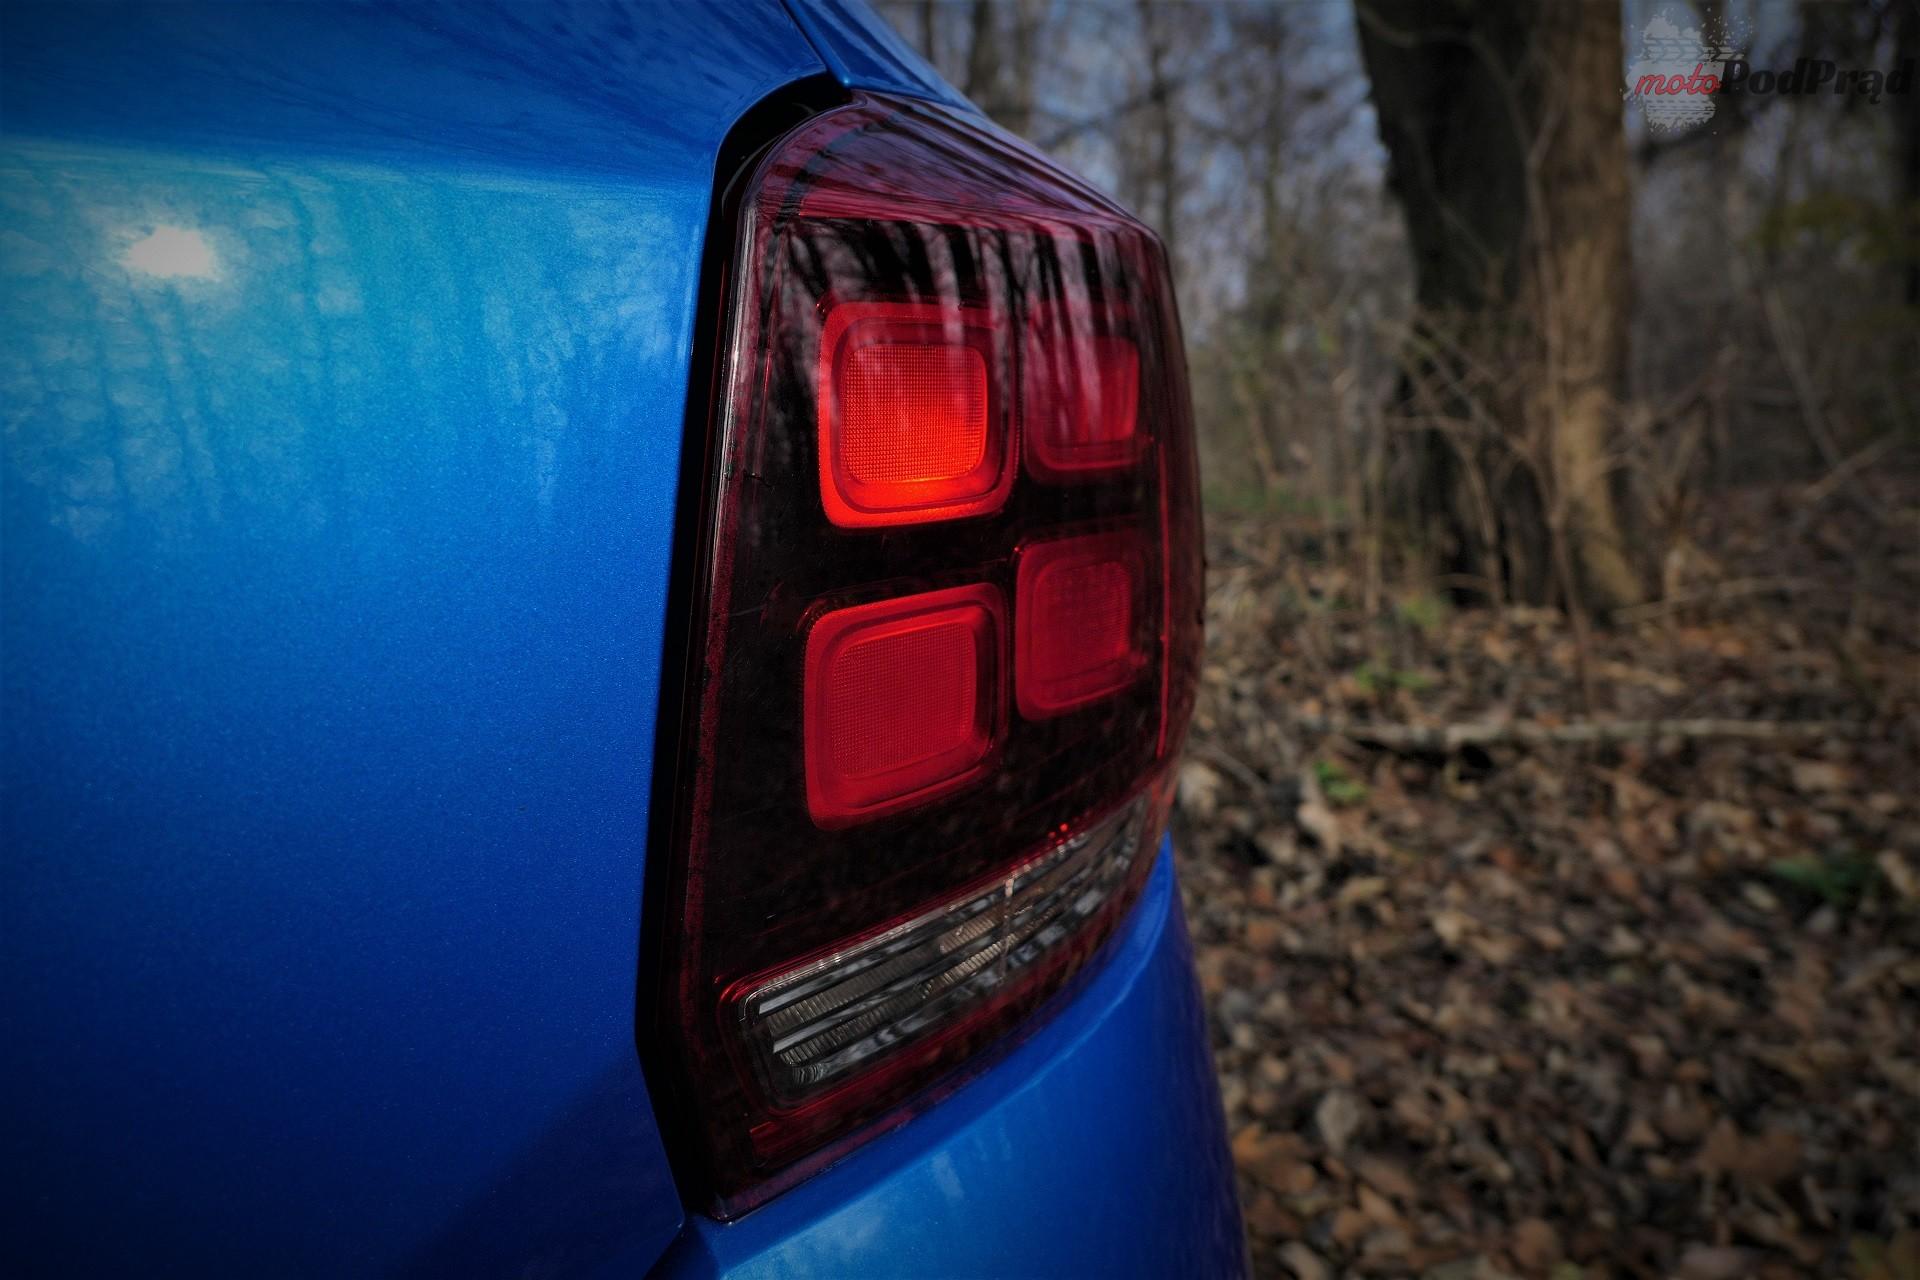 Dacia Sandero Stepway 18 Test: Dacia Sandero Stepway   w prostocie siła